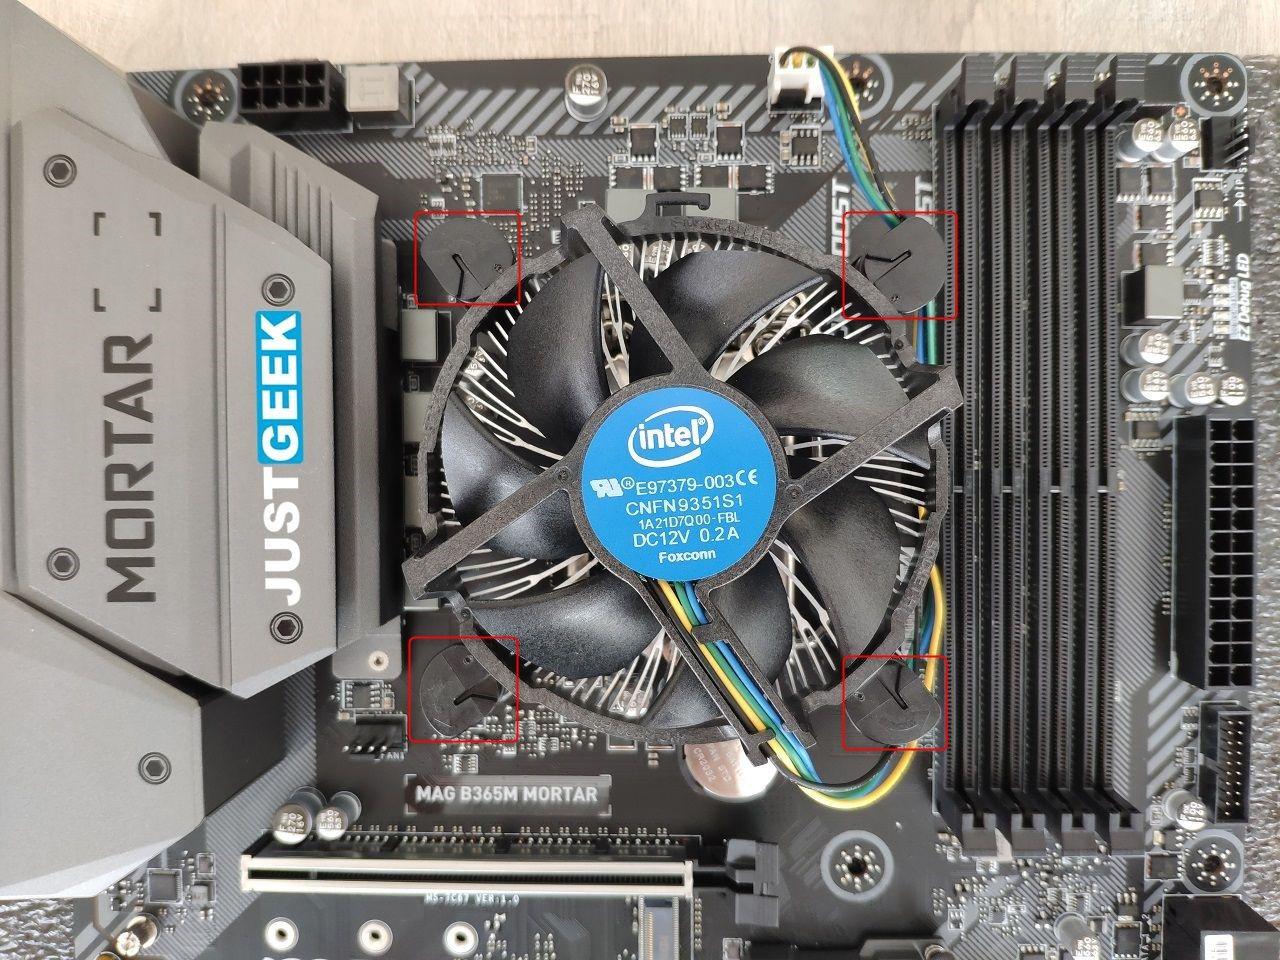 Tutoriel montage PC : Mise en place du ventirad sur le processeur